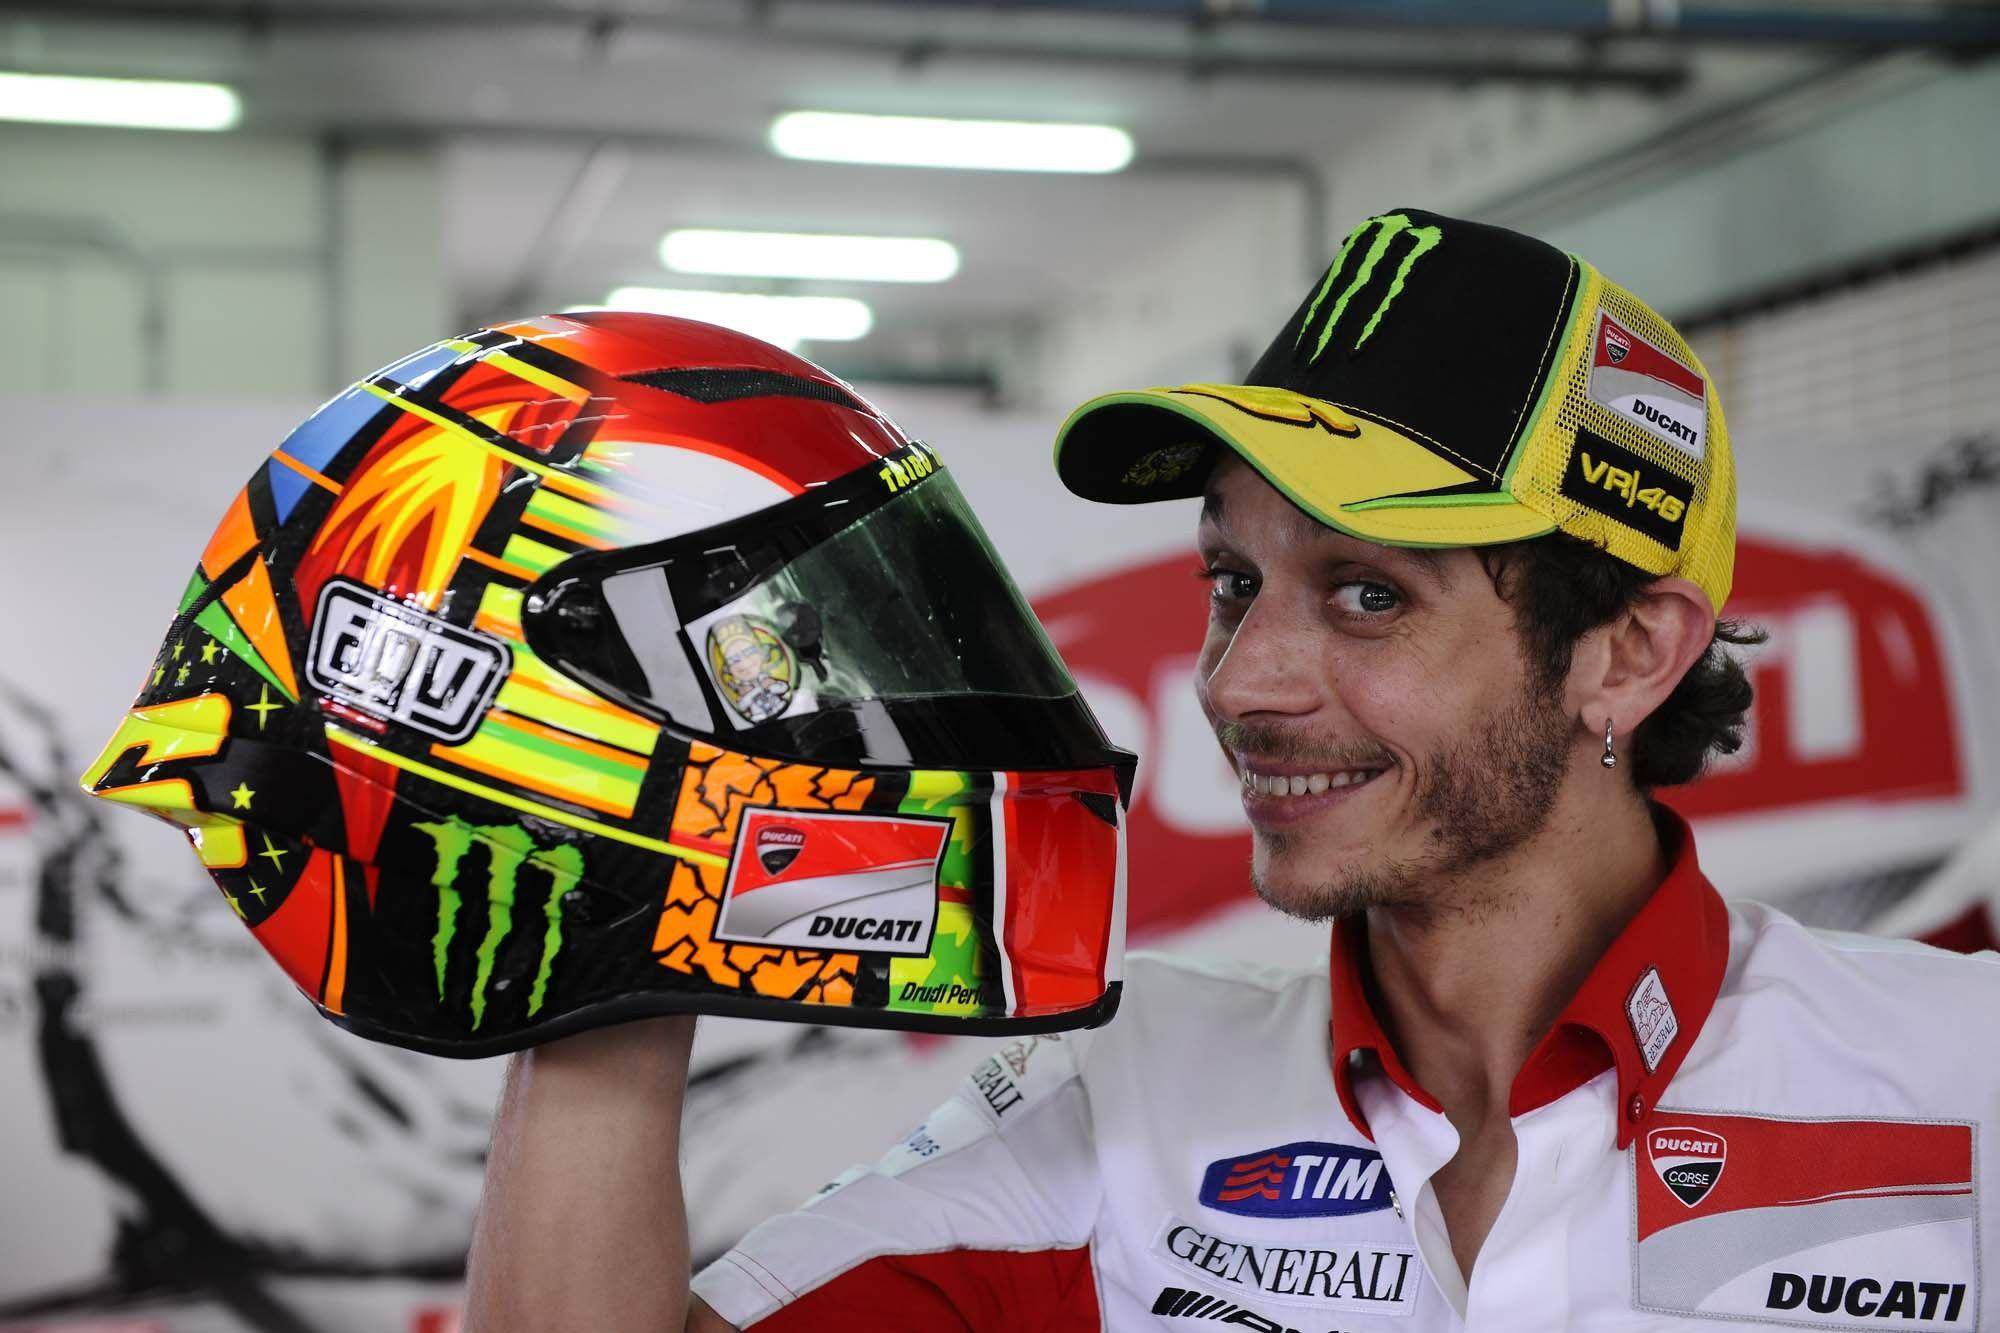 Rossi Motogp Helmets